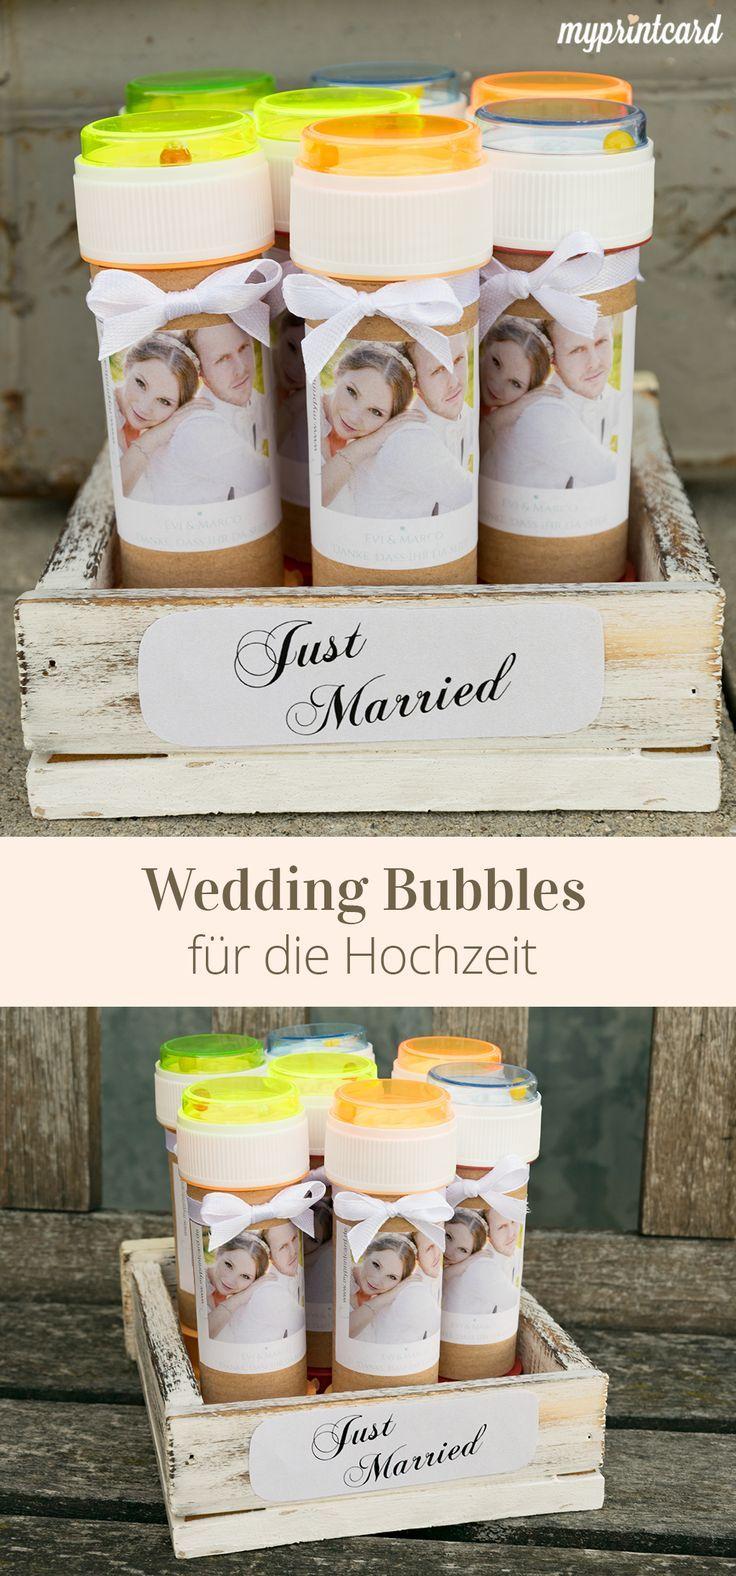 Wedding Bubbles – Seifenblasen für die Hochzeit sind Trend